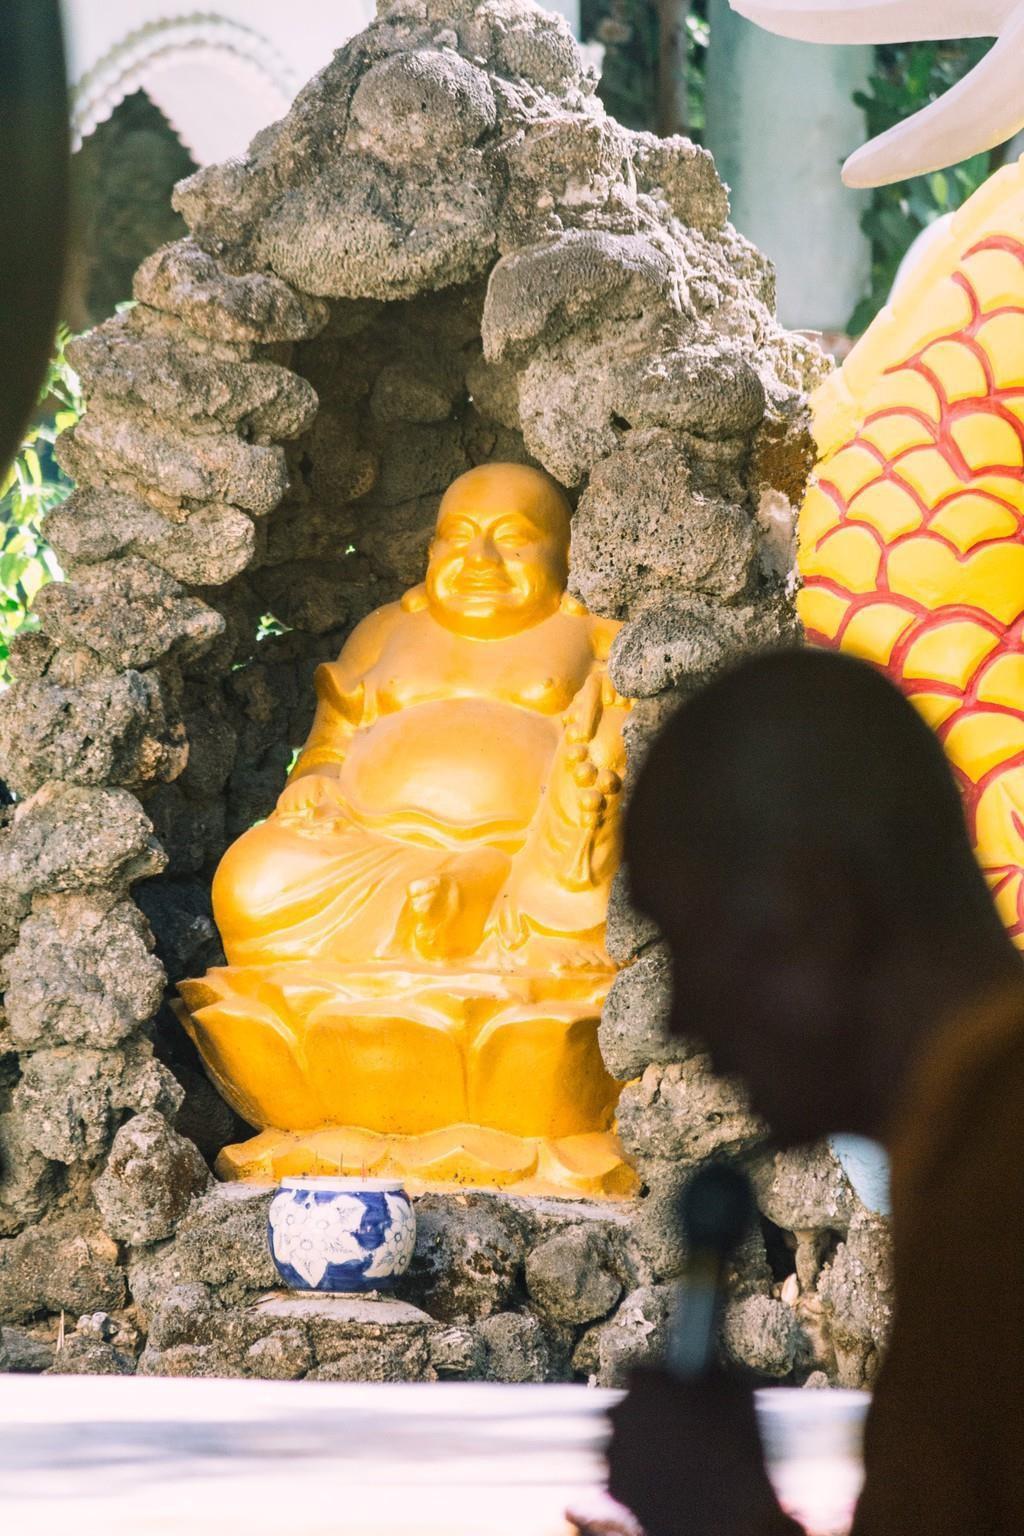 Ngôi chùa vỏ ốc ở Cam Ranh đẹp khác lạ trên báo nước ngoài Ảnh 6